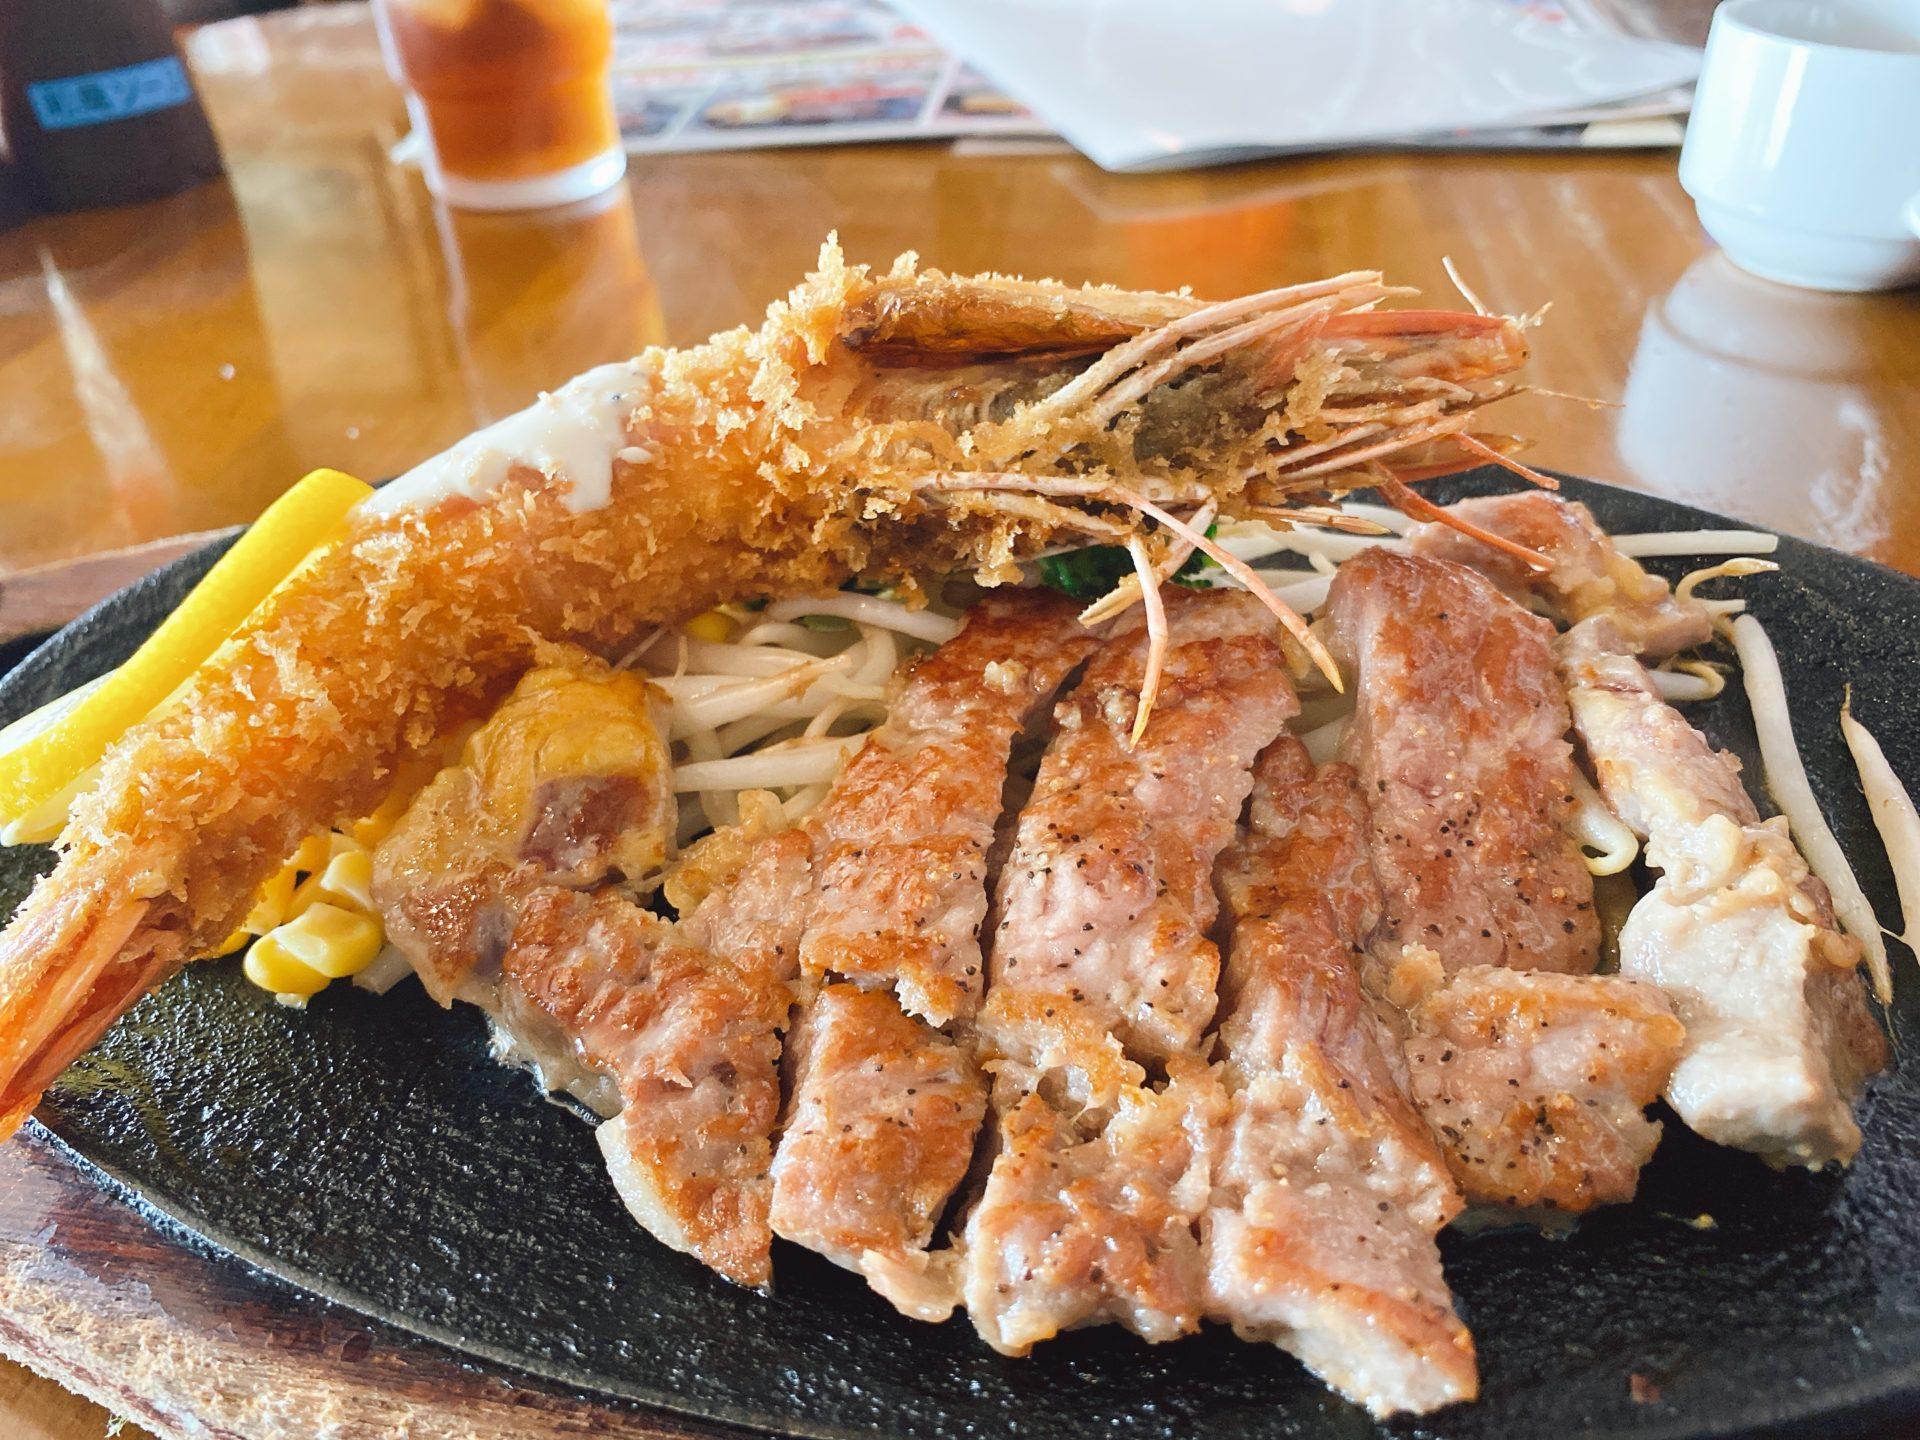 岡山市東区 平島交差点から北に車で2分 洋食の店【レストラン ベルク】のランチは衝撃の500円メニューが有り、ステーキもコスパ良し!